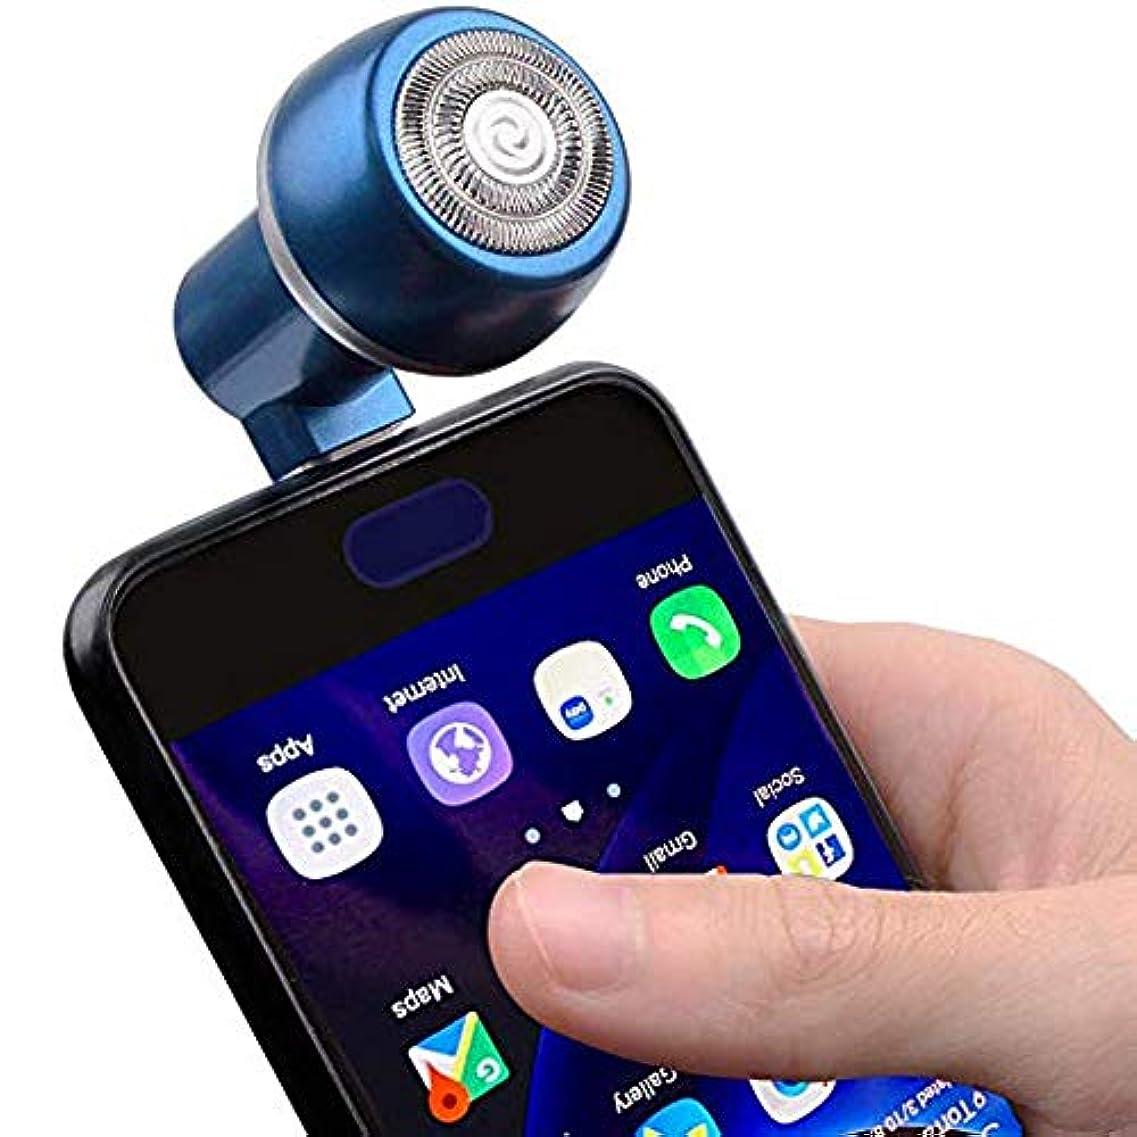 便益対抗荒涼としたiCaree 鉱石ブルーメンズ 電気 シェーバー 髭剃り 回転式 ミニ 電動ひげそり 携帯電話/USB充電式 持ち運び便利 ビジネス 海外通用Android携帯電話屋外ポータブルマイクロ